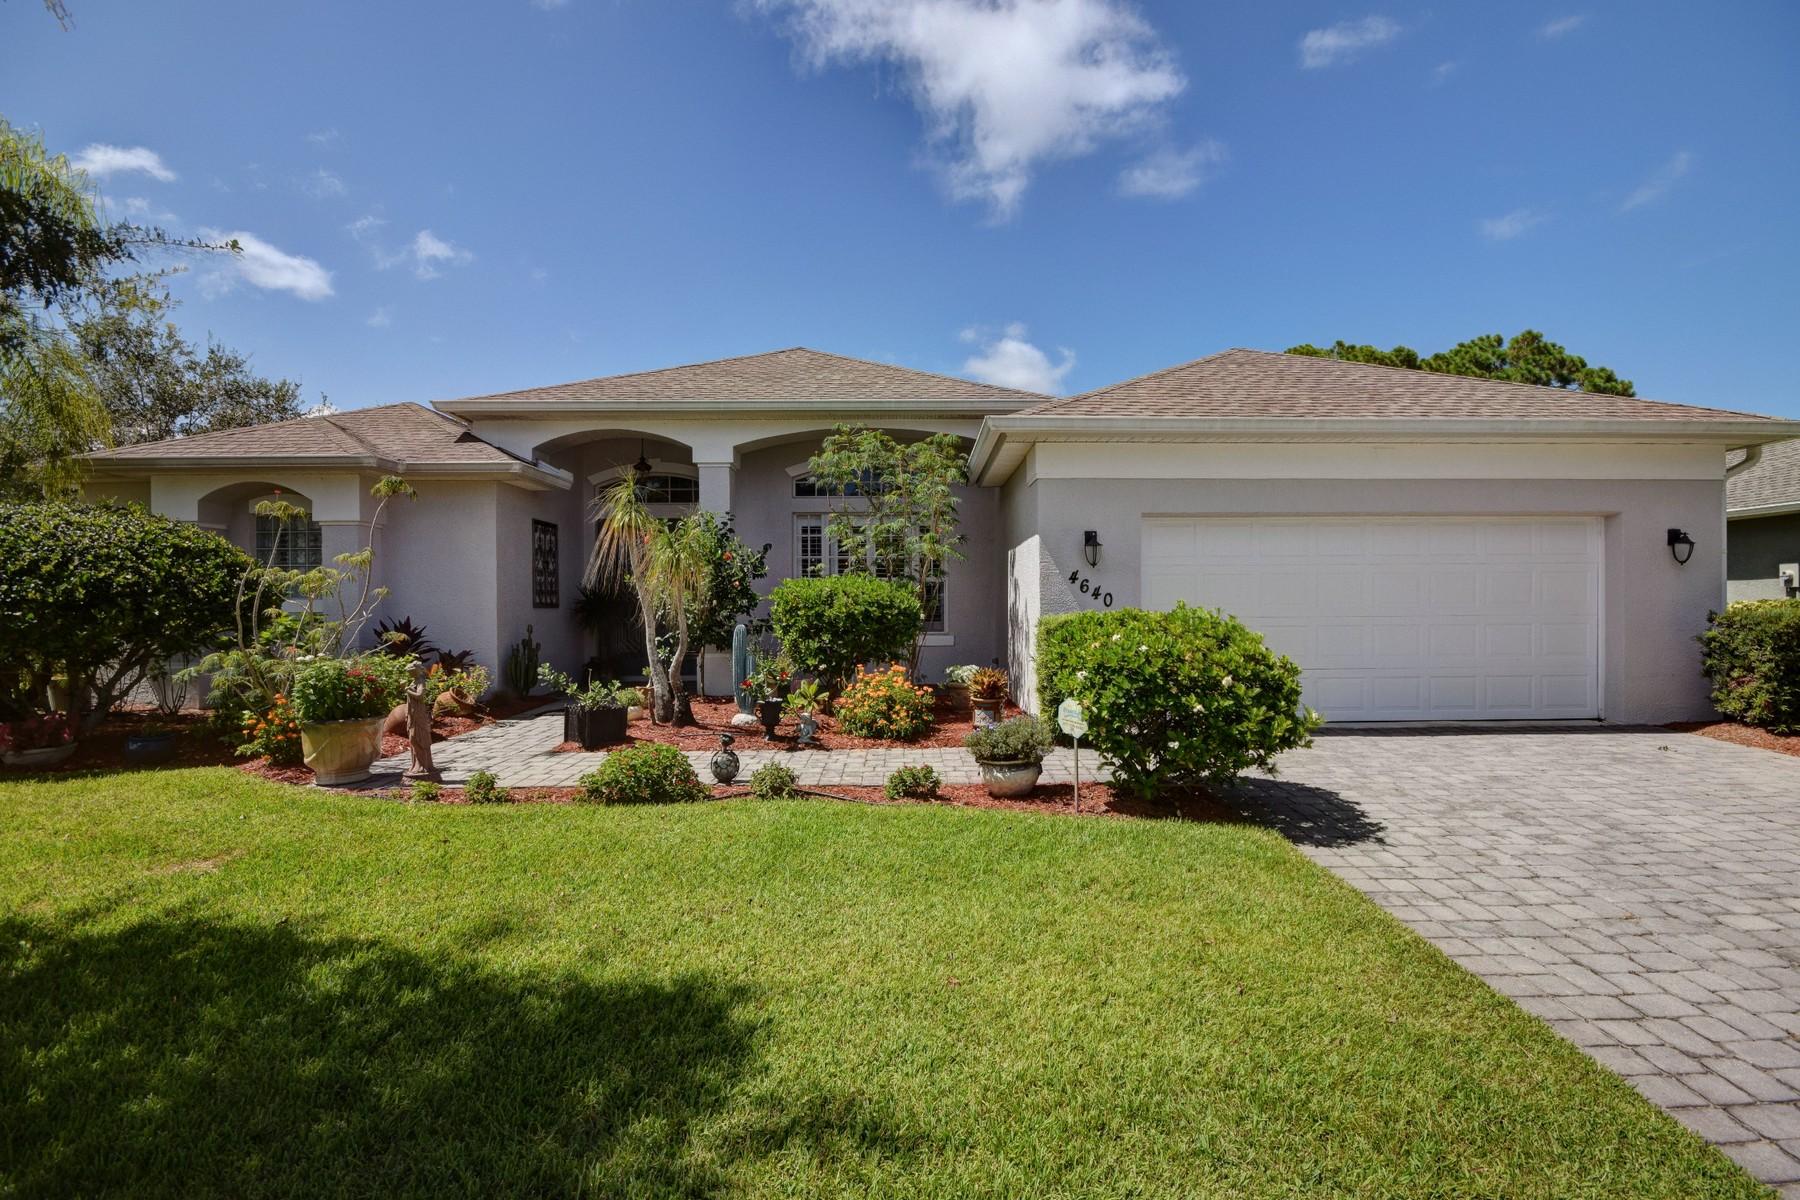 단독 가정 주택 용 매매 에 Elegant home in Legend Lakes 4640 Josephine Manor SW Vero Beach, 플로리다 32968 미국